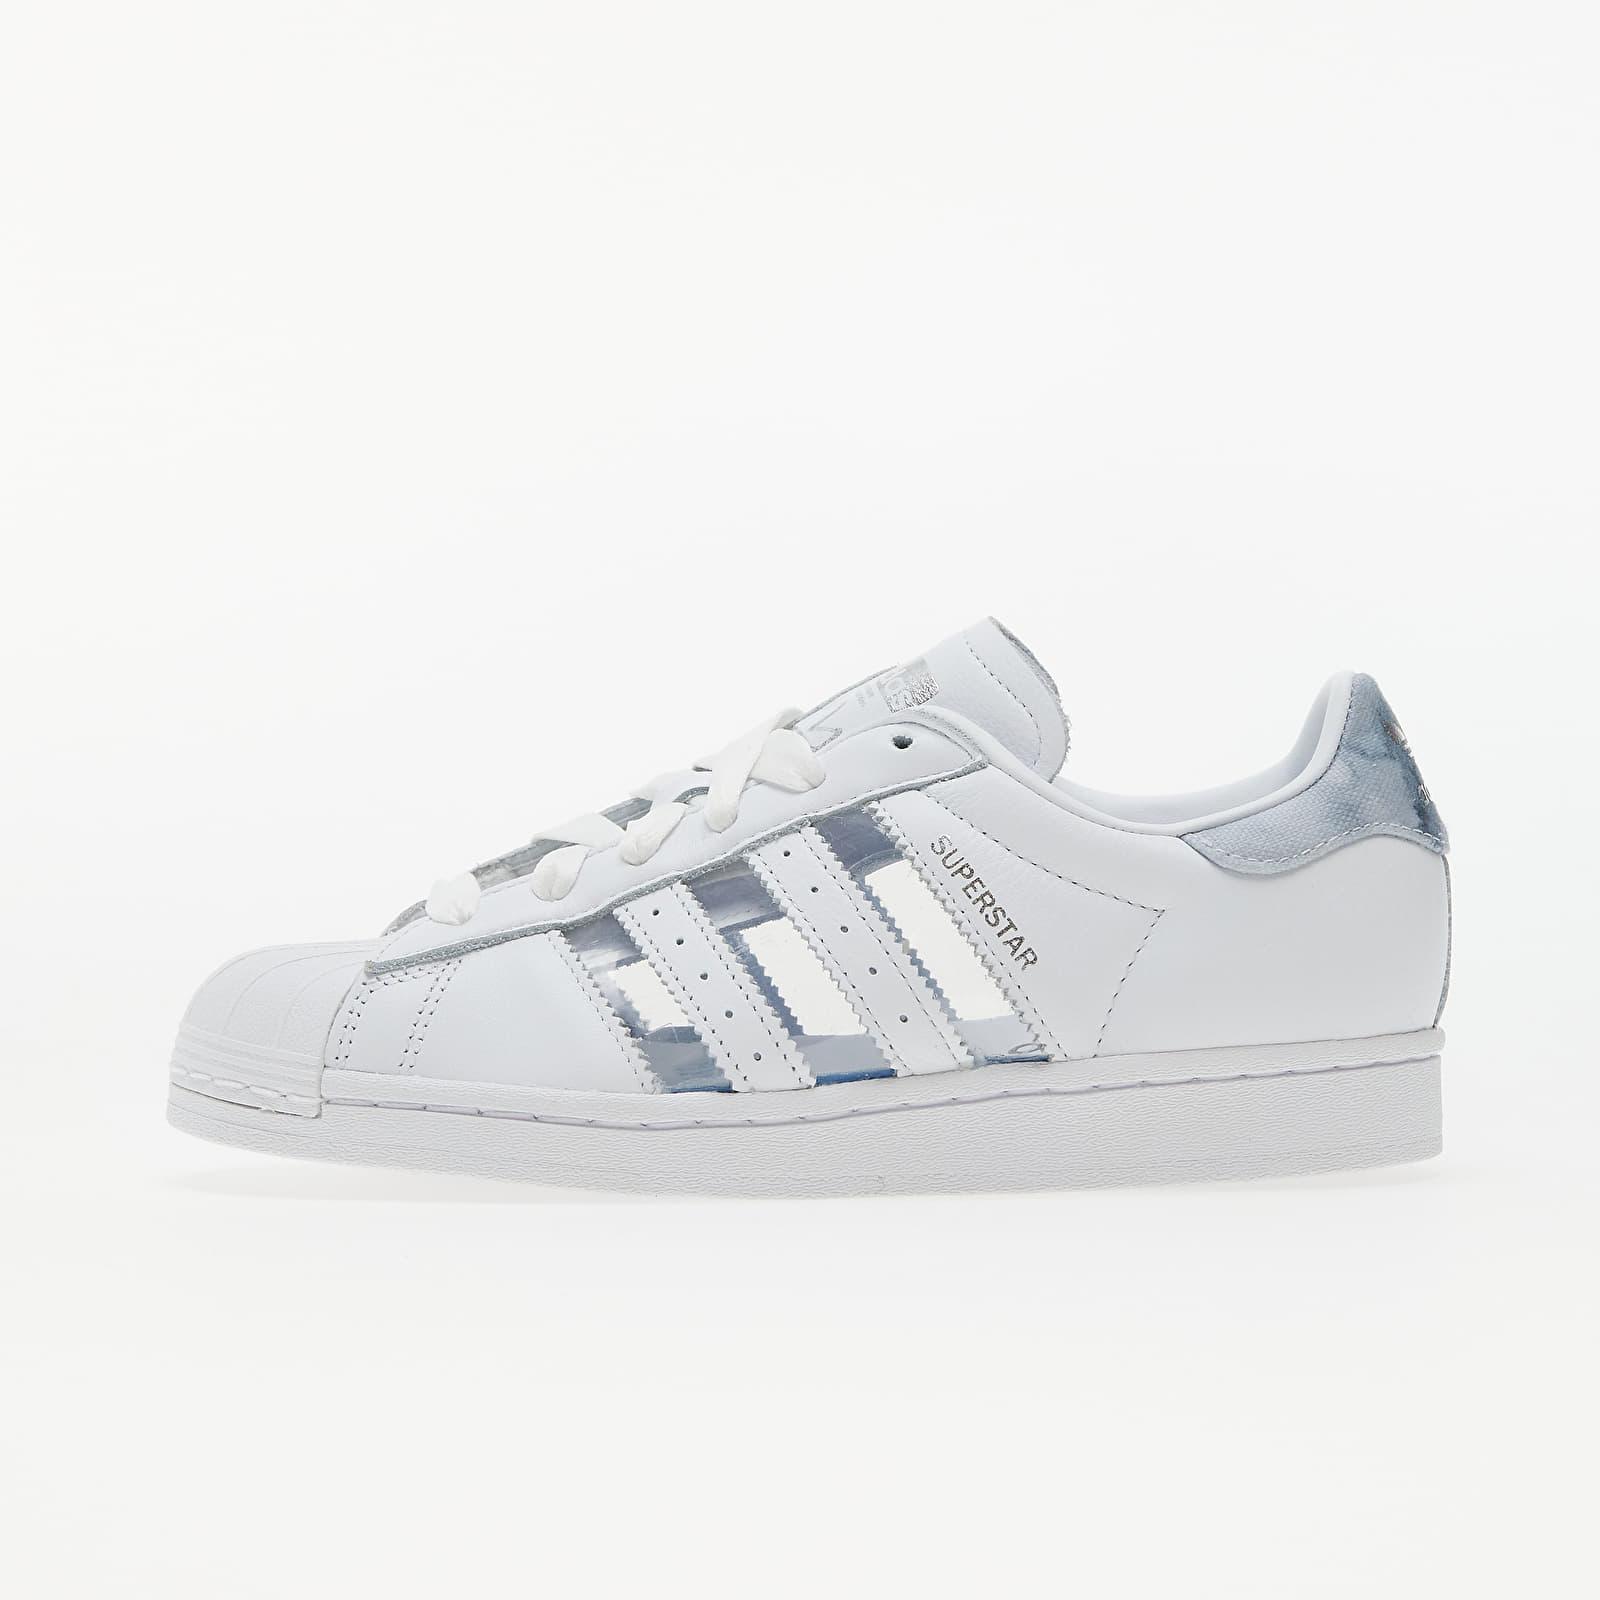 adidas Superstar W Ftw White/ Grey Three/ Ftw White EUR 41 1/3